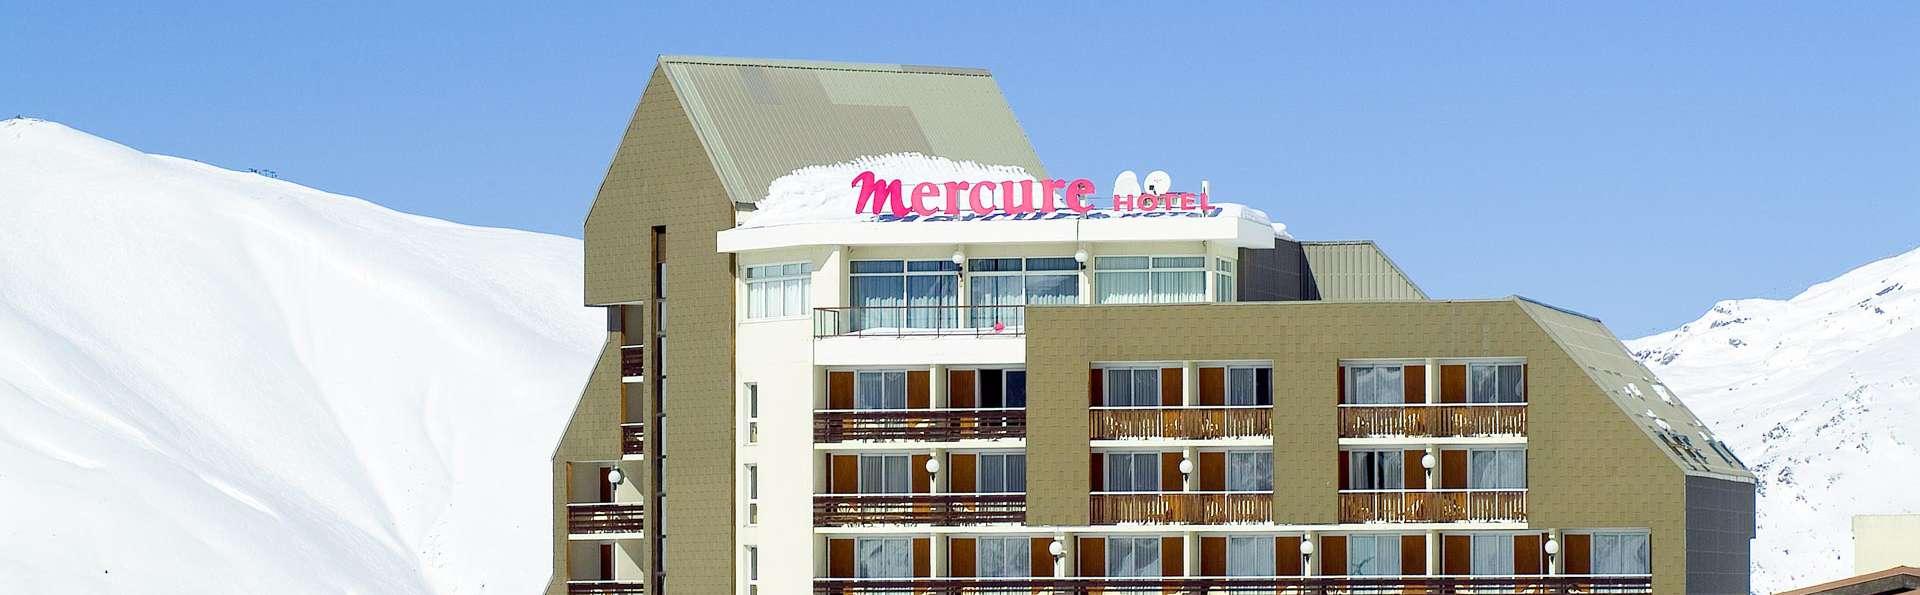 Hôtel Mercure Les Deux Alpes 1800 - EDIT_NEW_FRONT_01.jpg